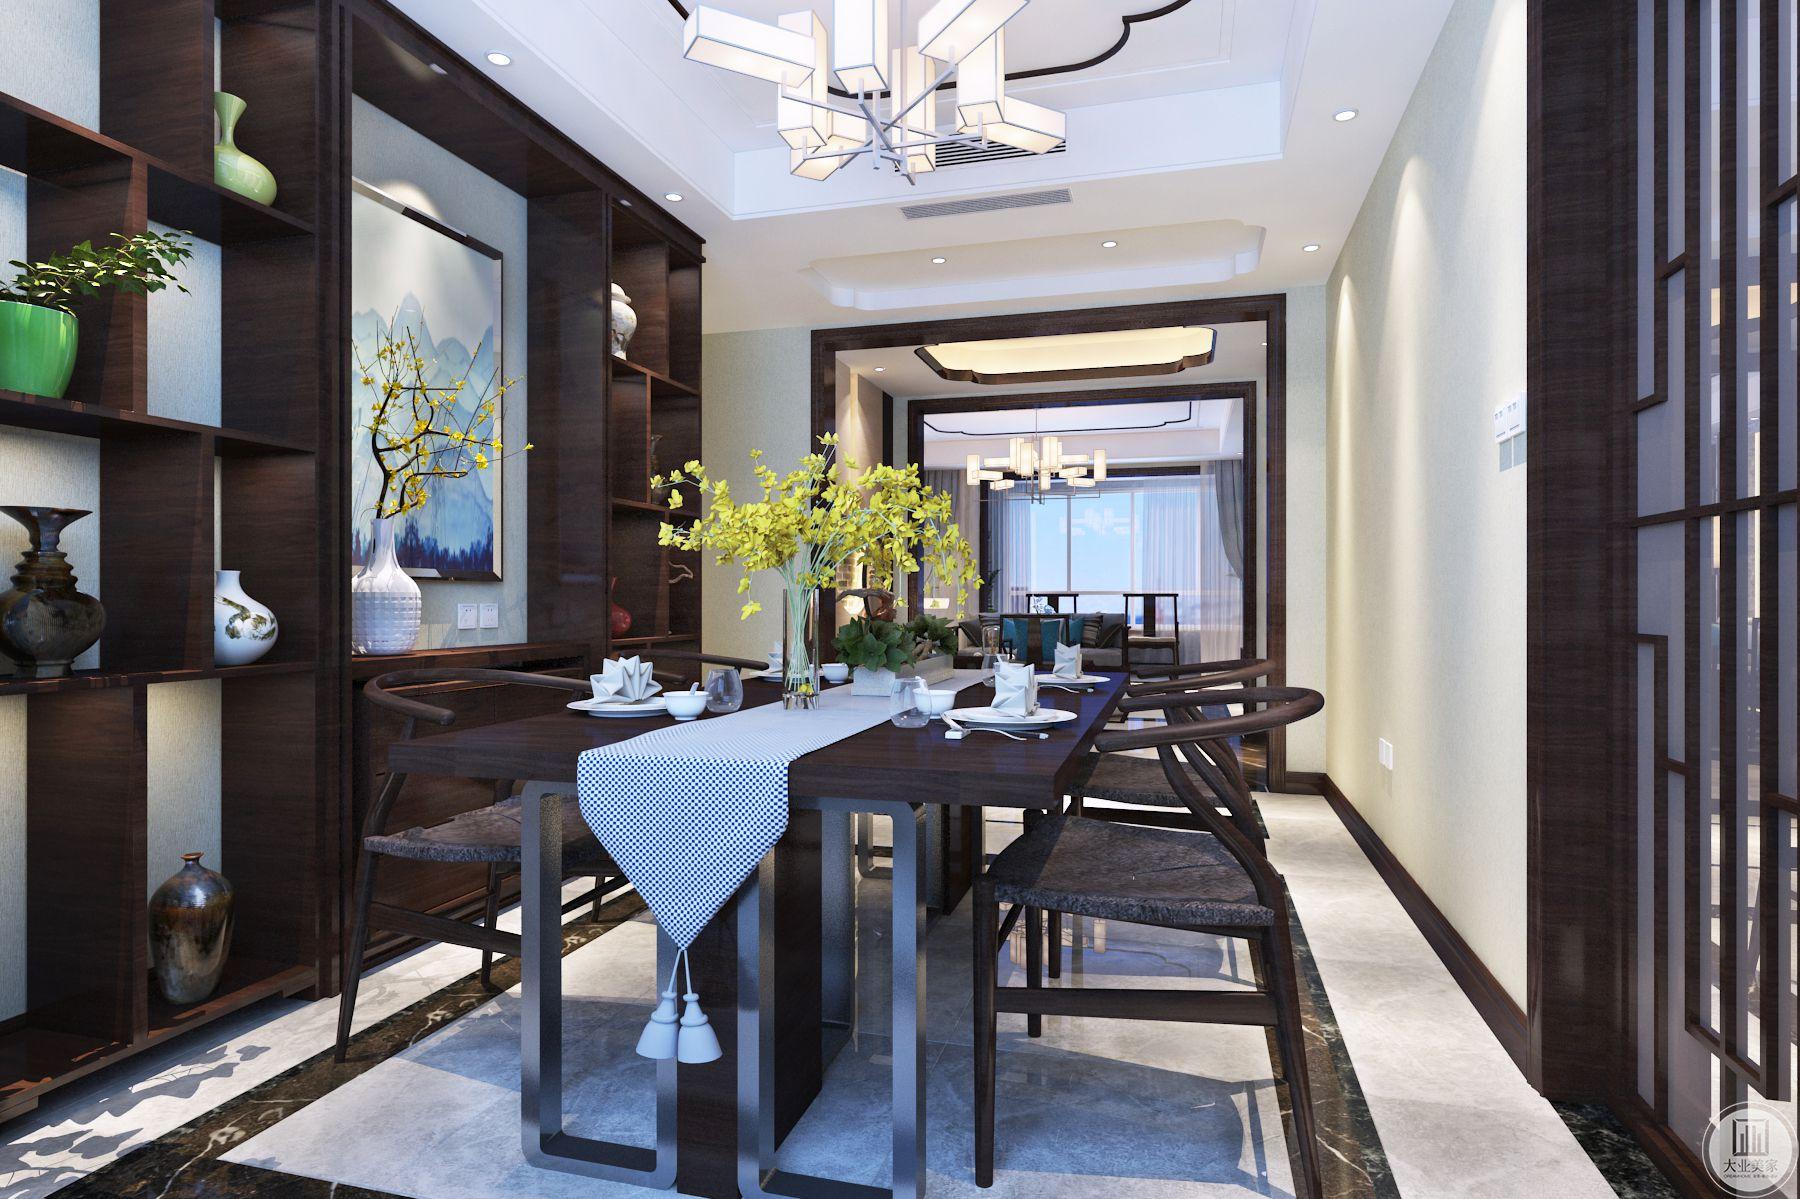 餐厅客户需求开阔空间感的基础上还要满足陈列的功能,酒柜的安排没有规划柜门。